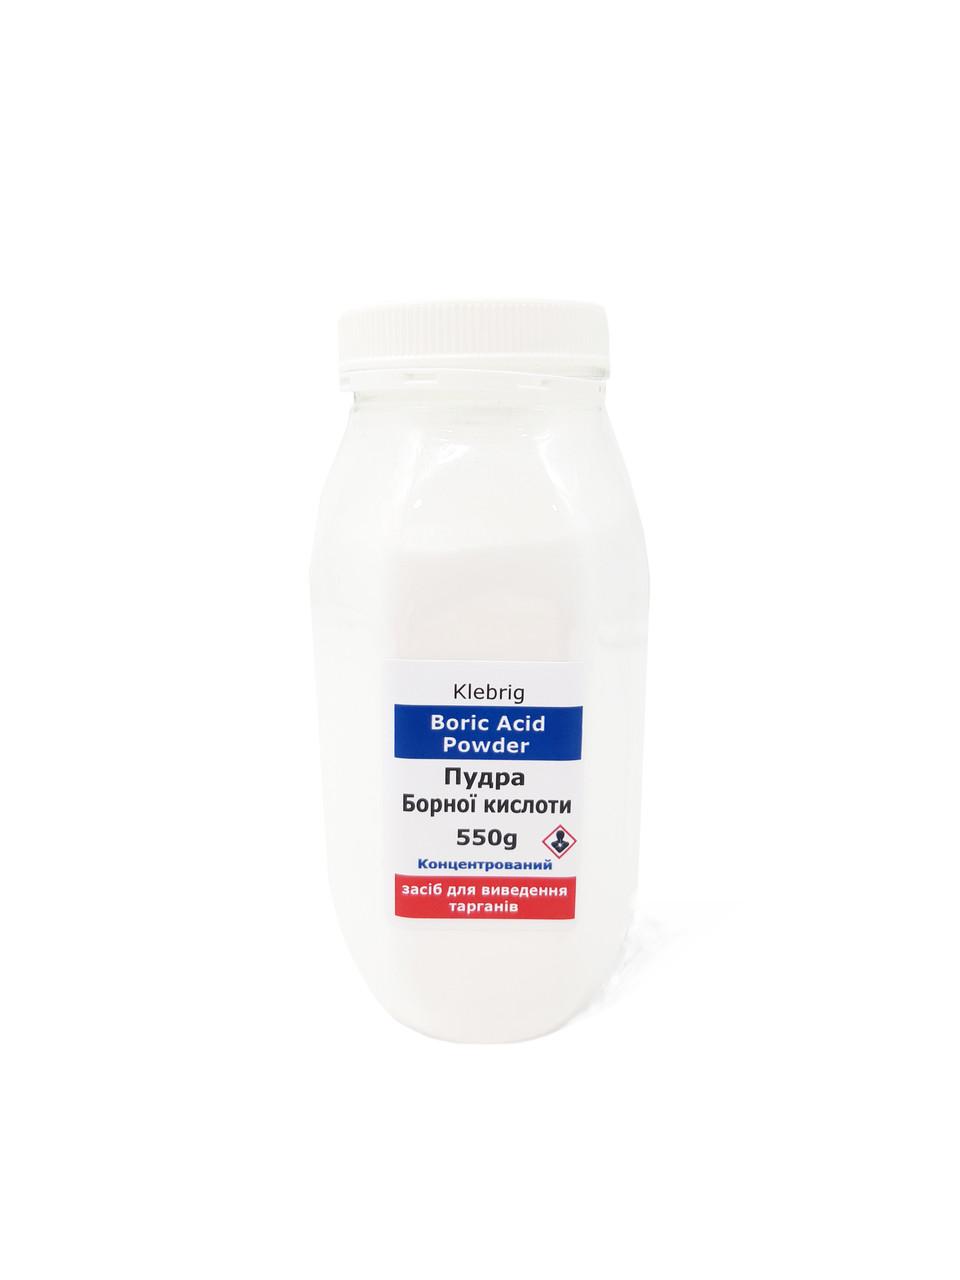 Пудра Борної кислоти 550г від шкідників тарганів